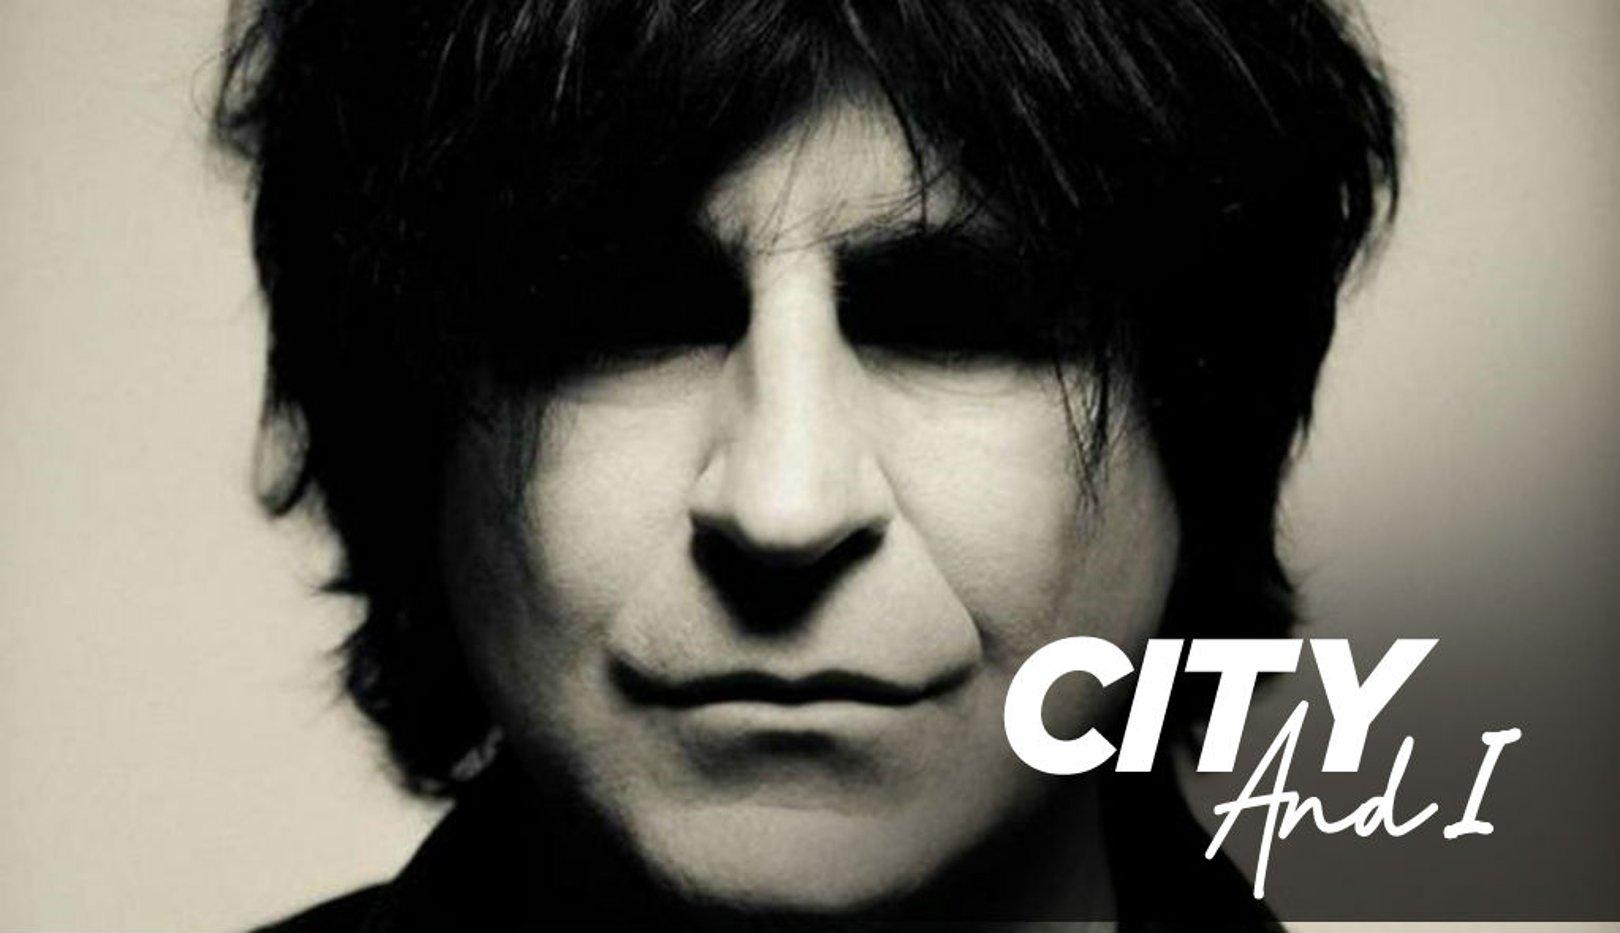 City and I: Mark Burgess